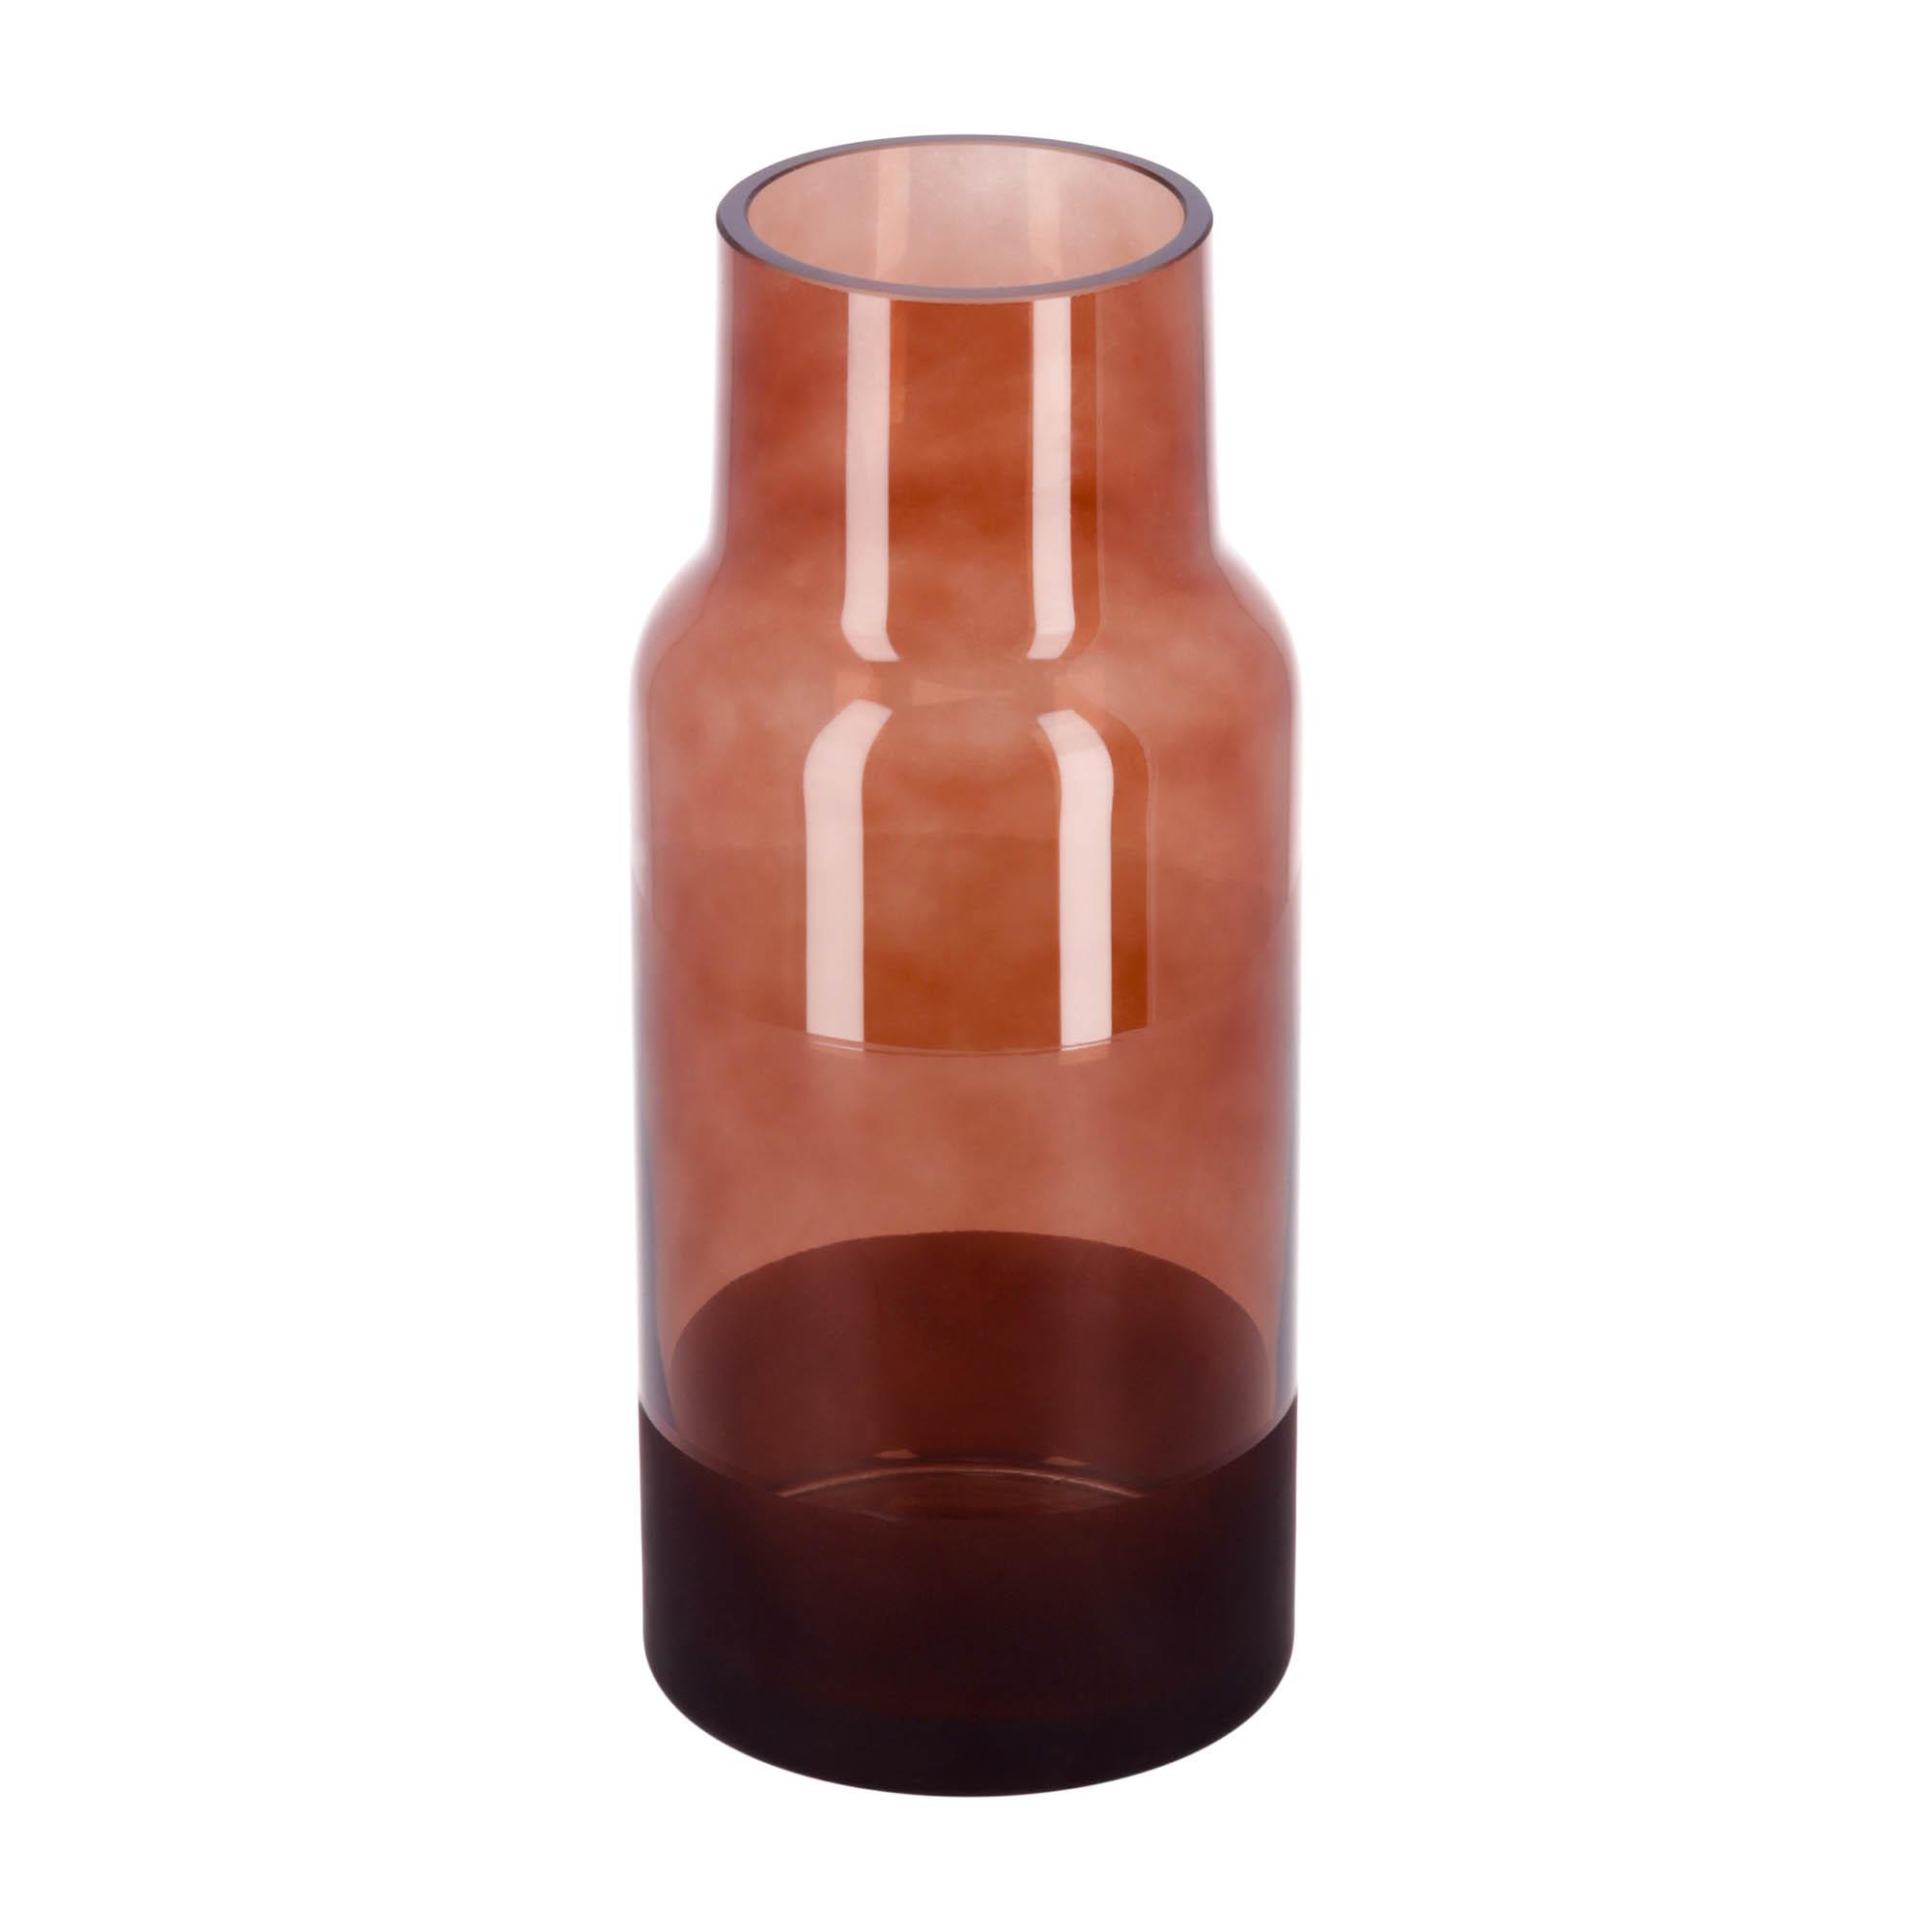 Kave home - vase narela grand format